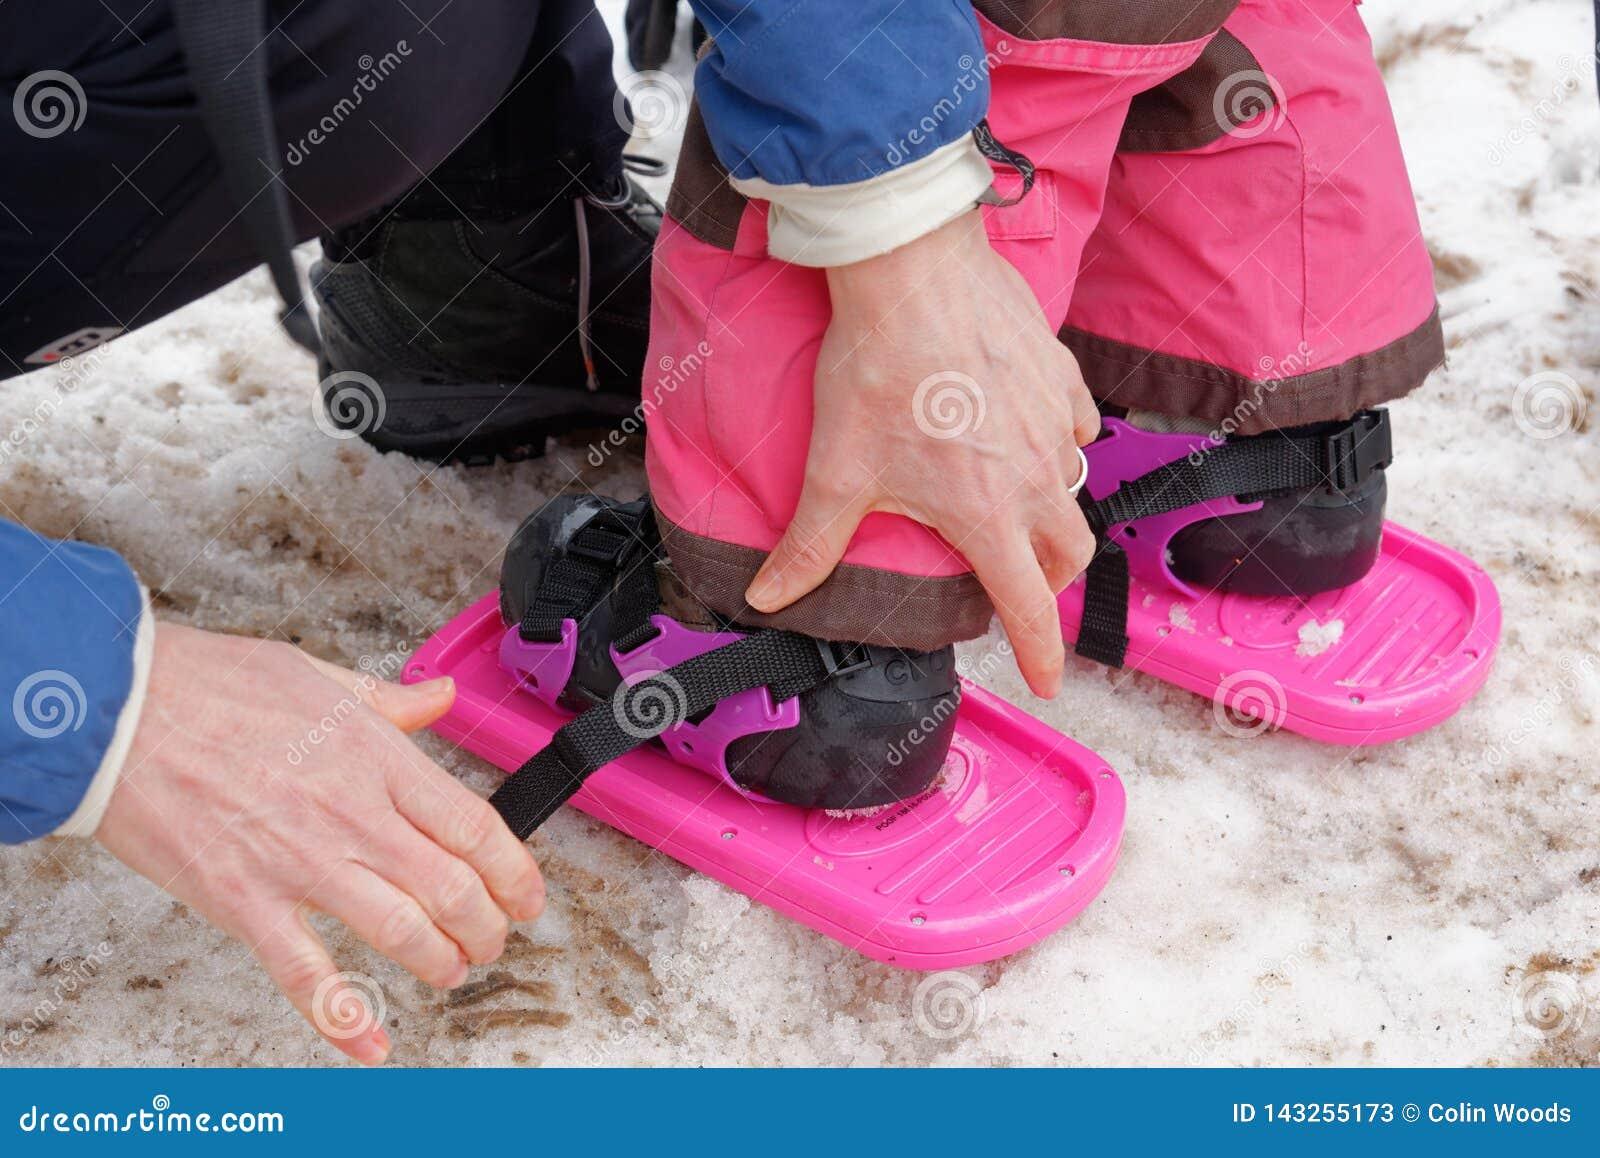 Lite årig flicka 3 ha honom fäste snöskor